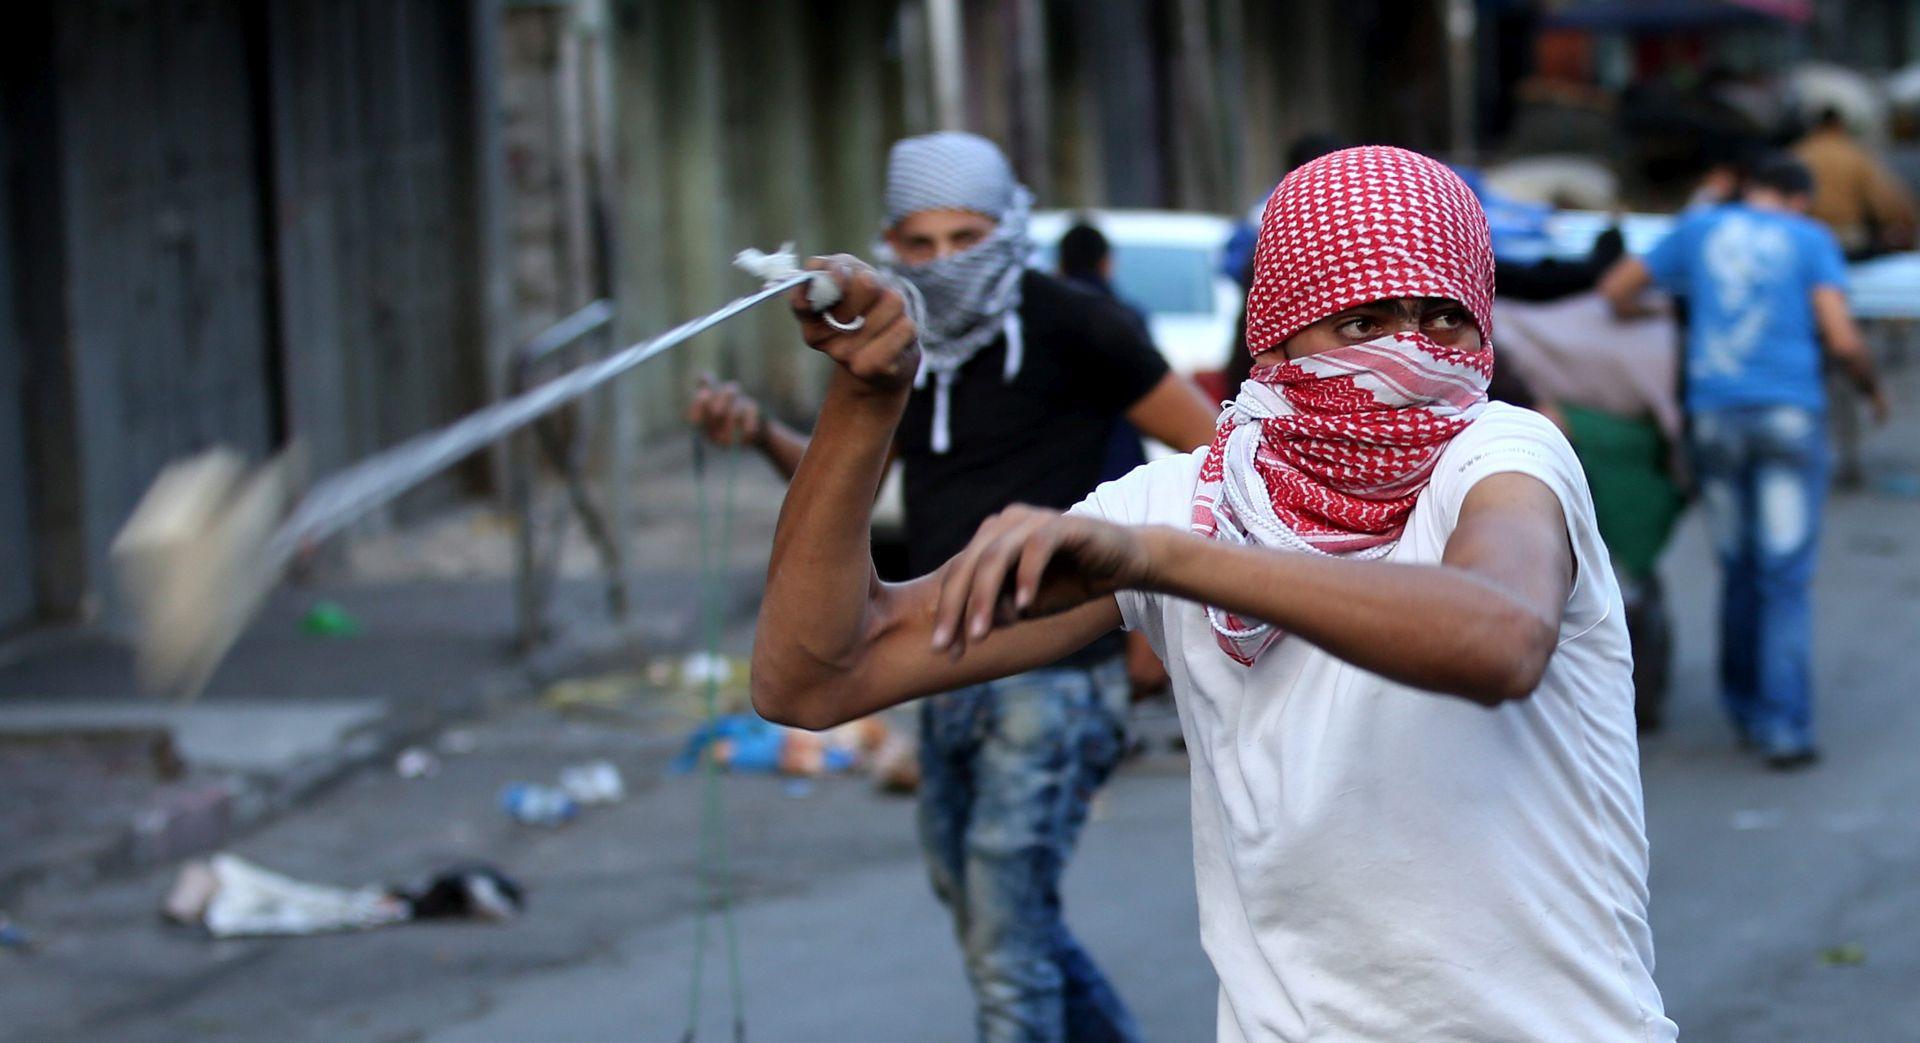 Sukobi palestinskih studenata i izraelskih policajaca na sveučilištu